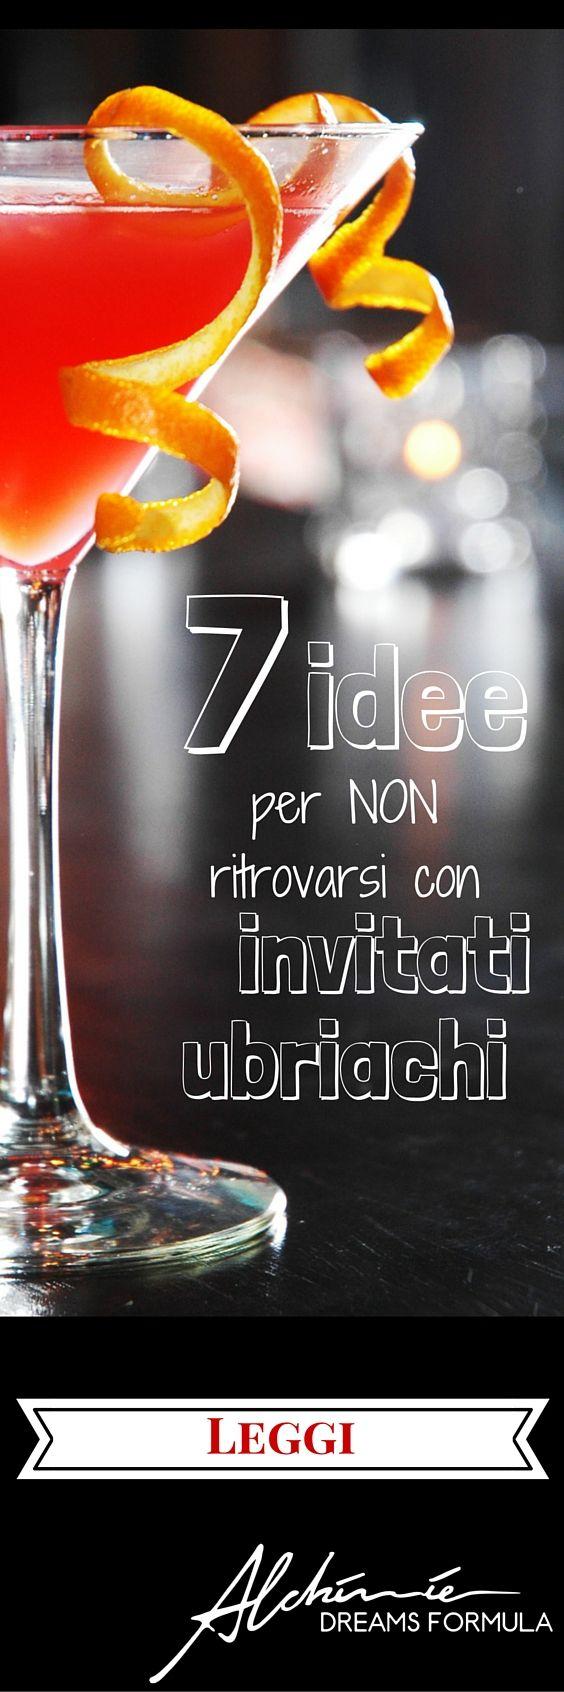 7 strategie per evitare di trovarsi con invitati ubriachi al matrimonio. Una situazione pericolosa per loro e deleteria per l'eleganza del vostro evento